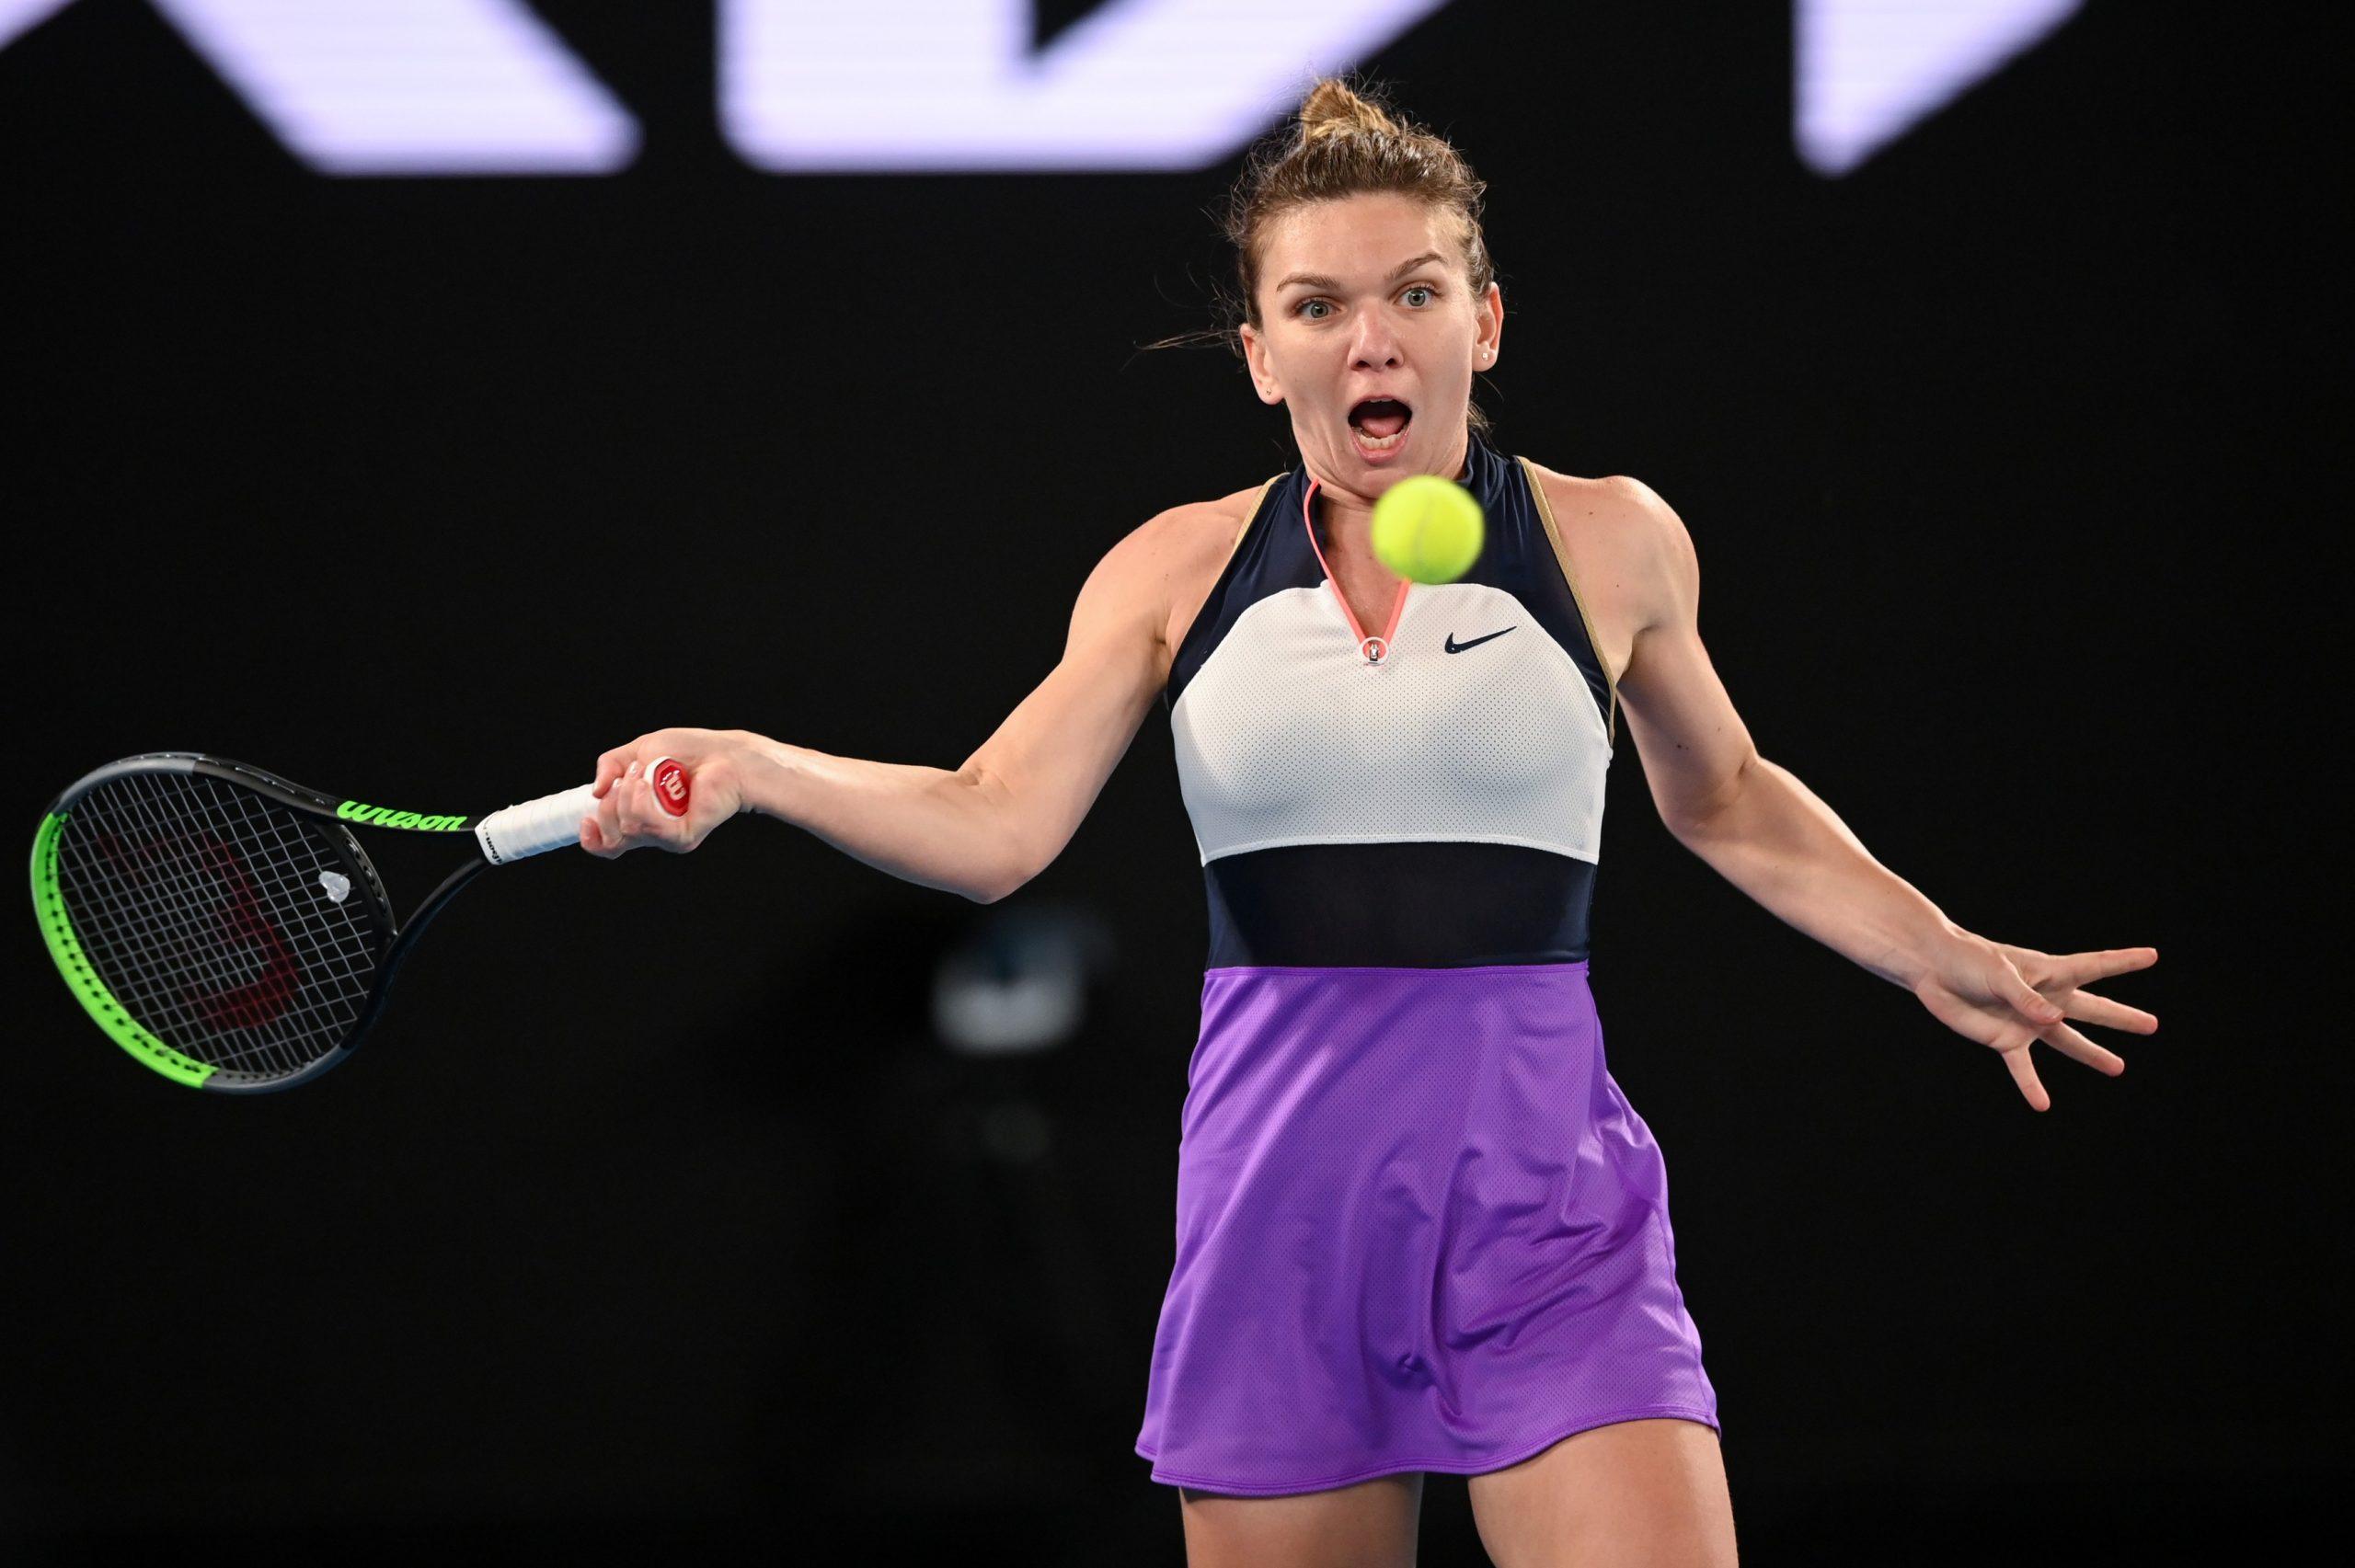 Simona Halep Australian Open antrenament scaled